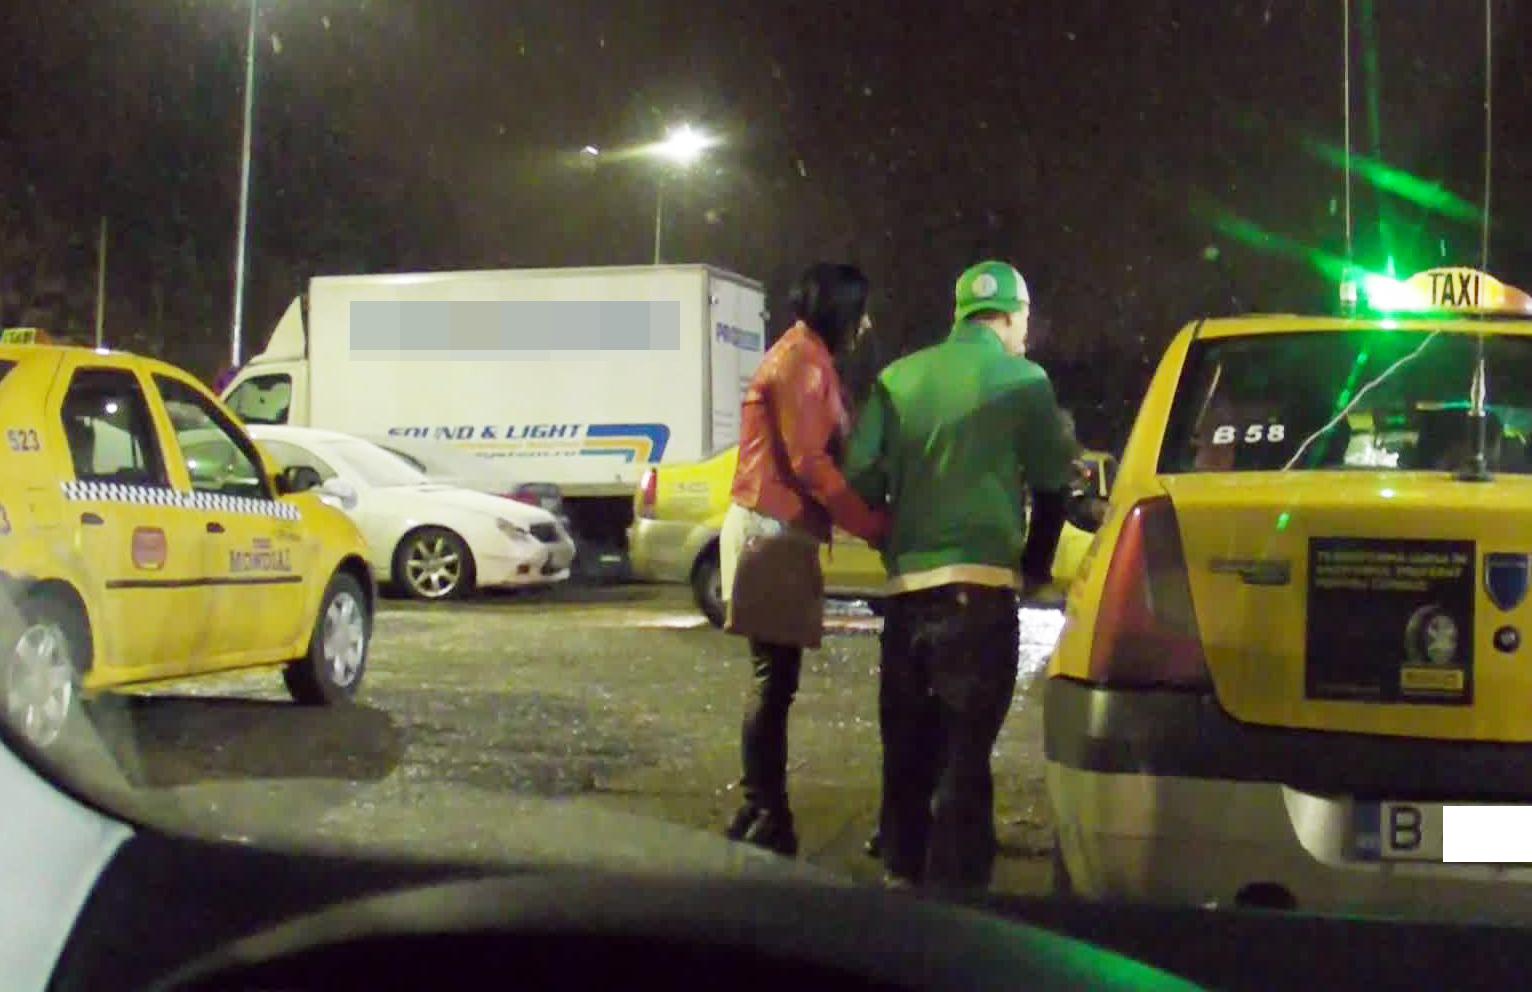 Puya incearca sa-l convinga pe taximetrist sa il duca acasa